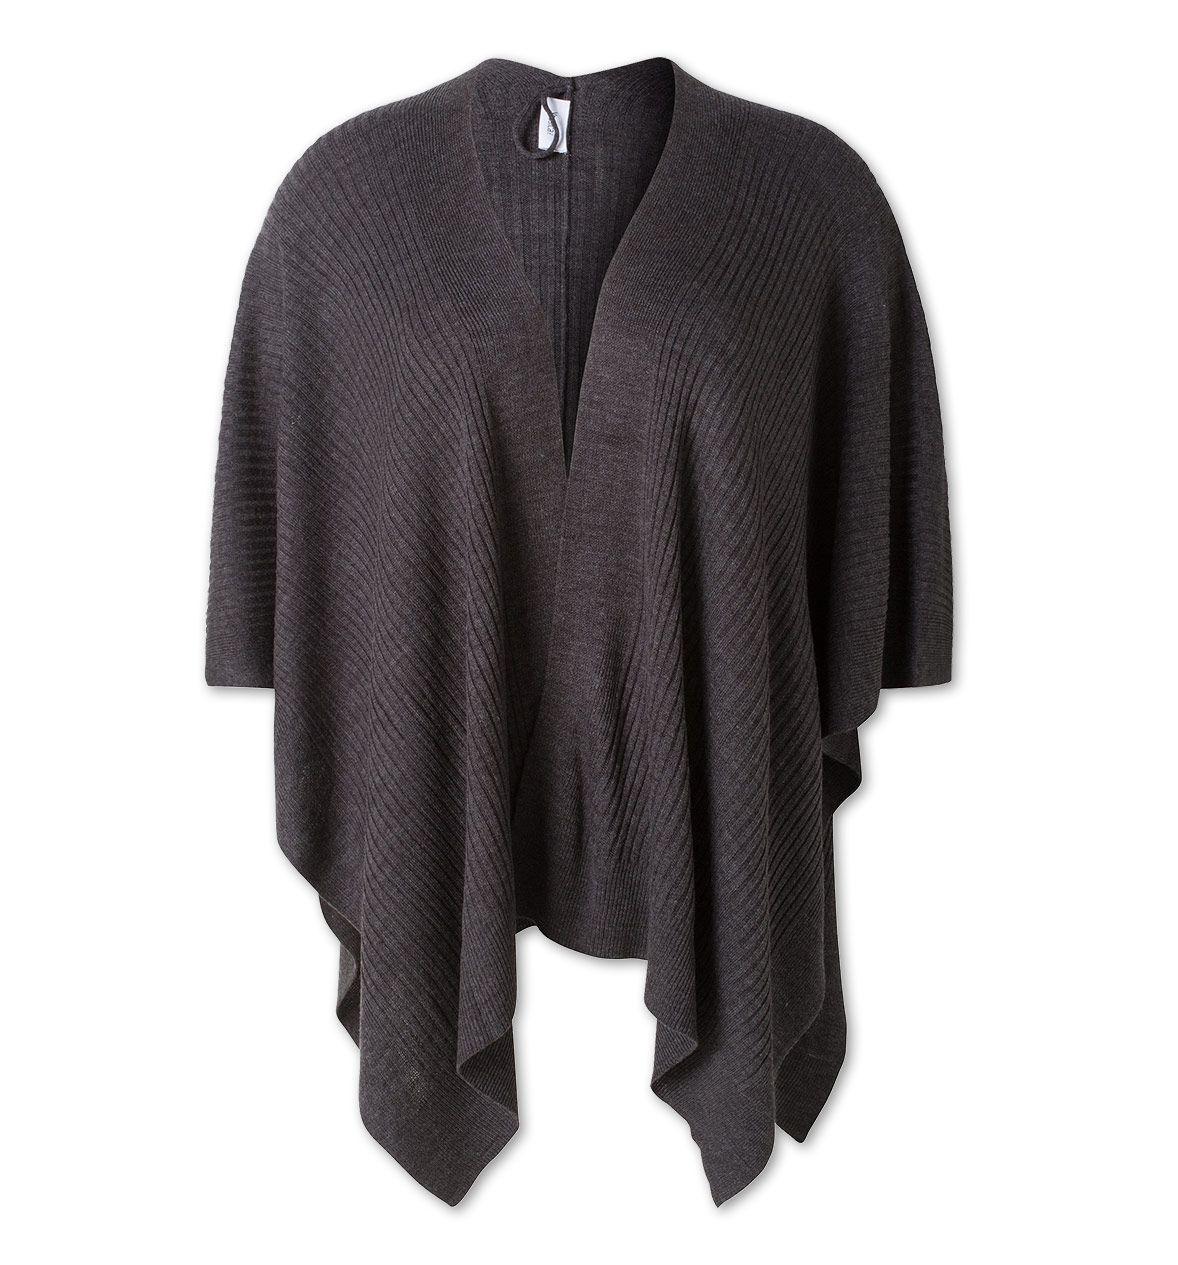 7df504963b3305 Damen Poncho in dunkelgrau - Mode günstig online kaufen - C&A || 29 Euro  (Stand Oktober 2016), Poncho weite Passform (Große Größen), Rückenlänge ca.